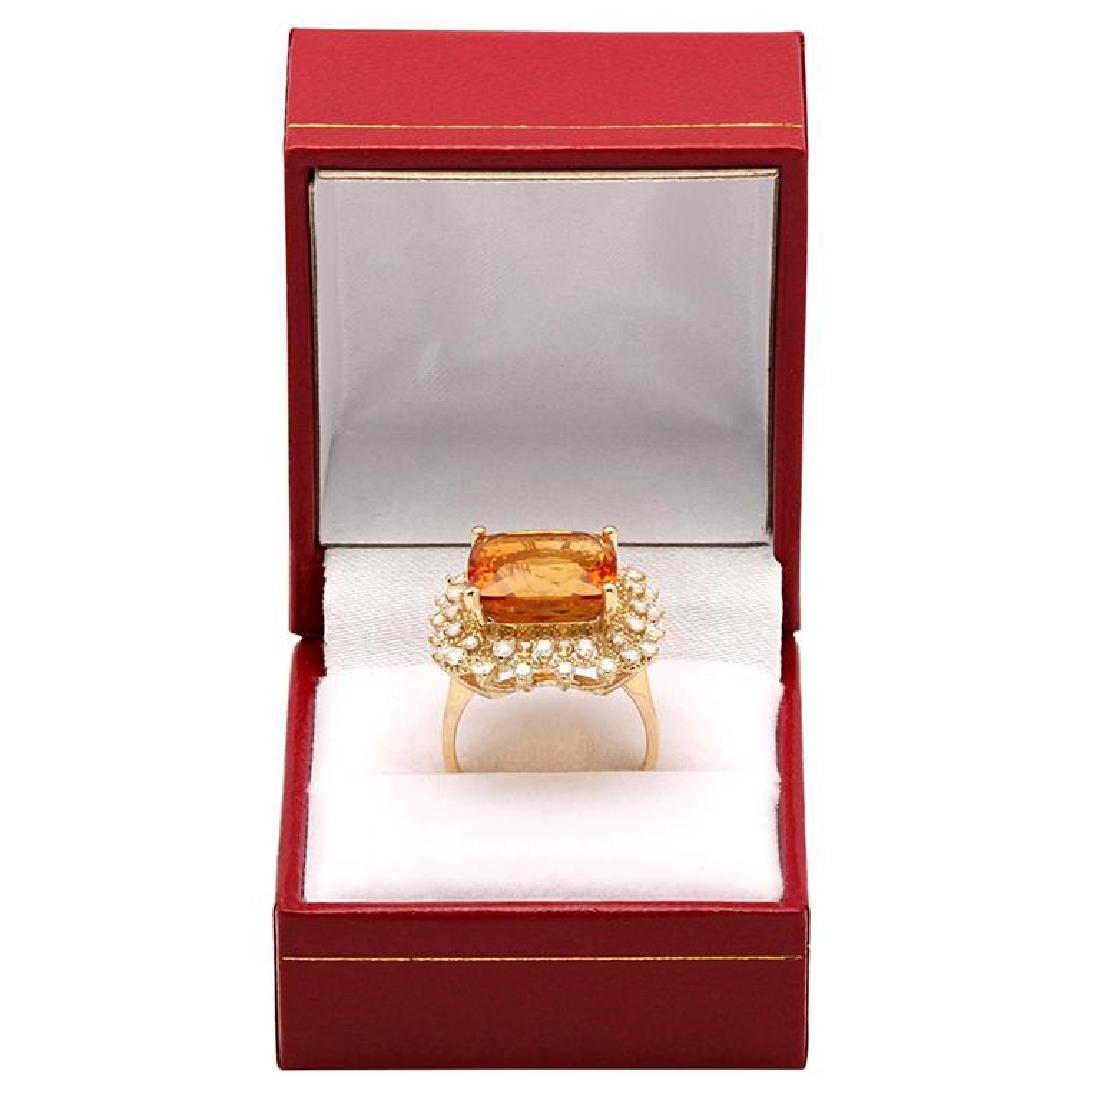 14k Yellow Gold 10.58ct Citrine 0.97ct Diamond Ring - 4